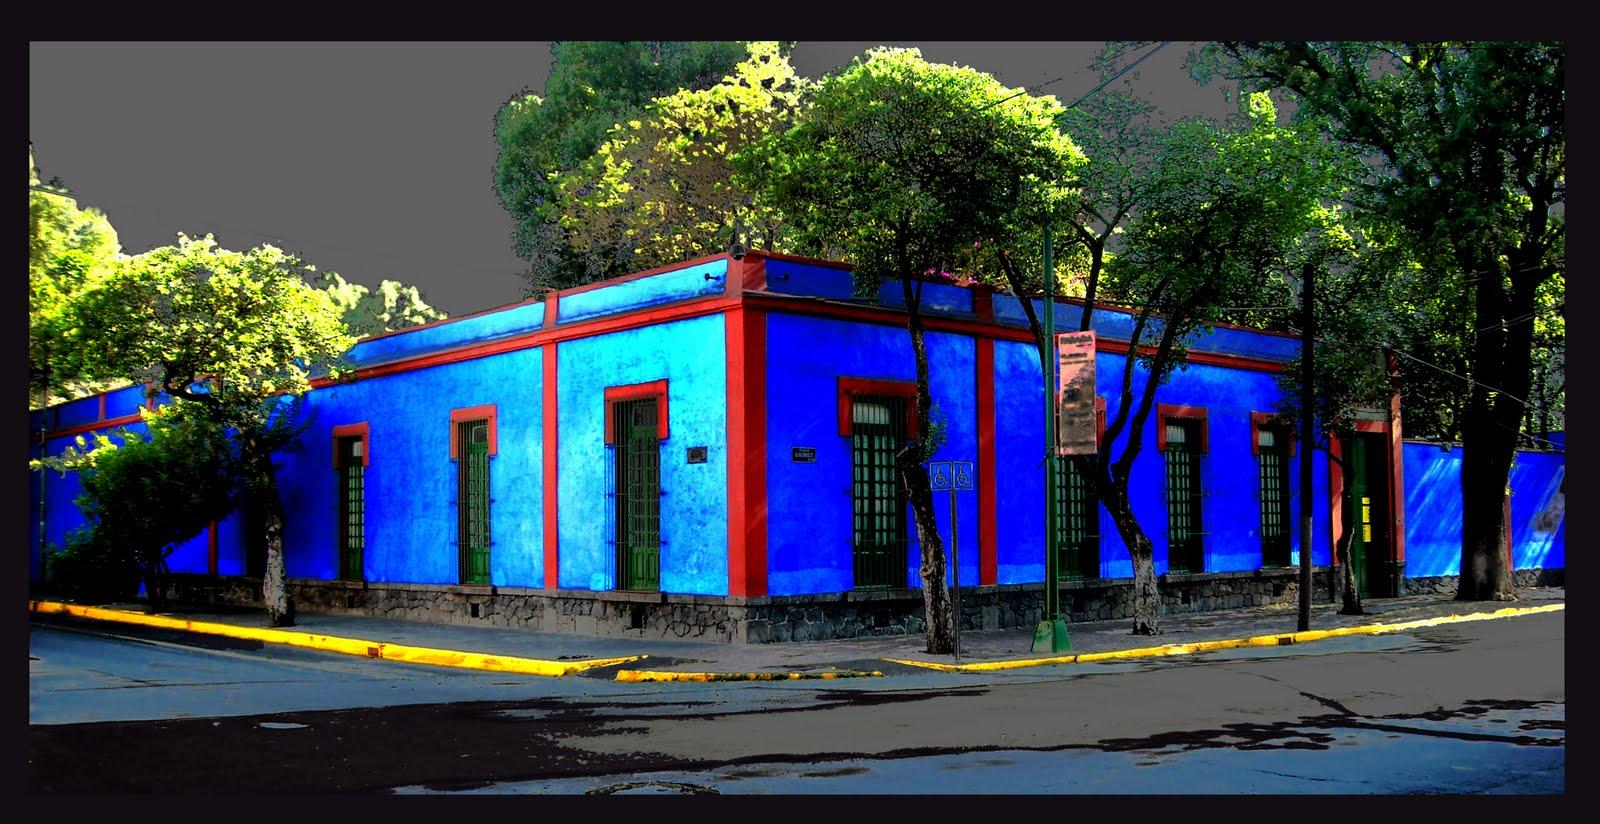 EL MUSEO AZUL